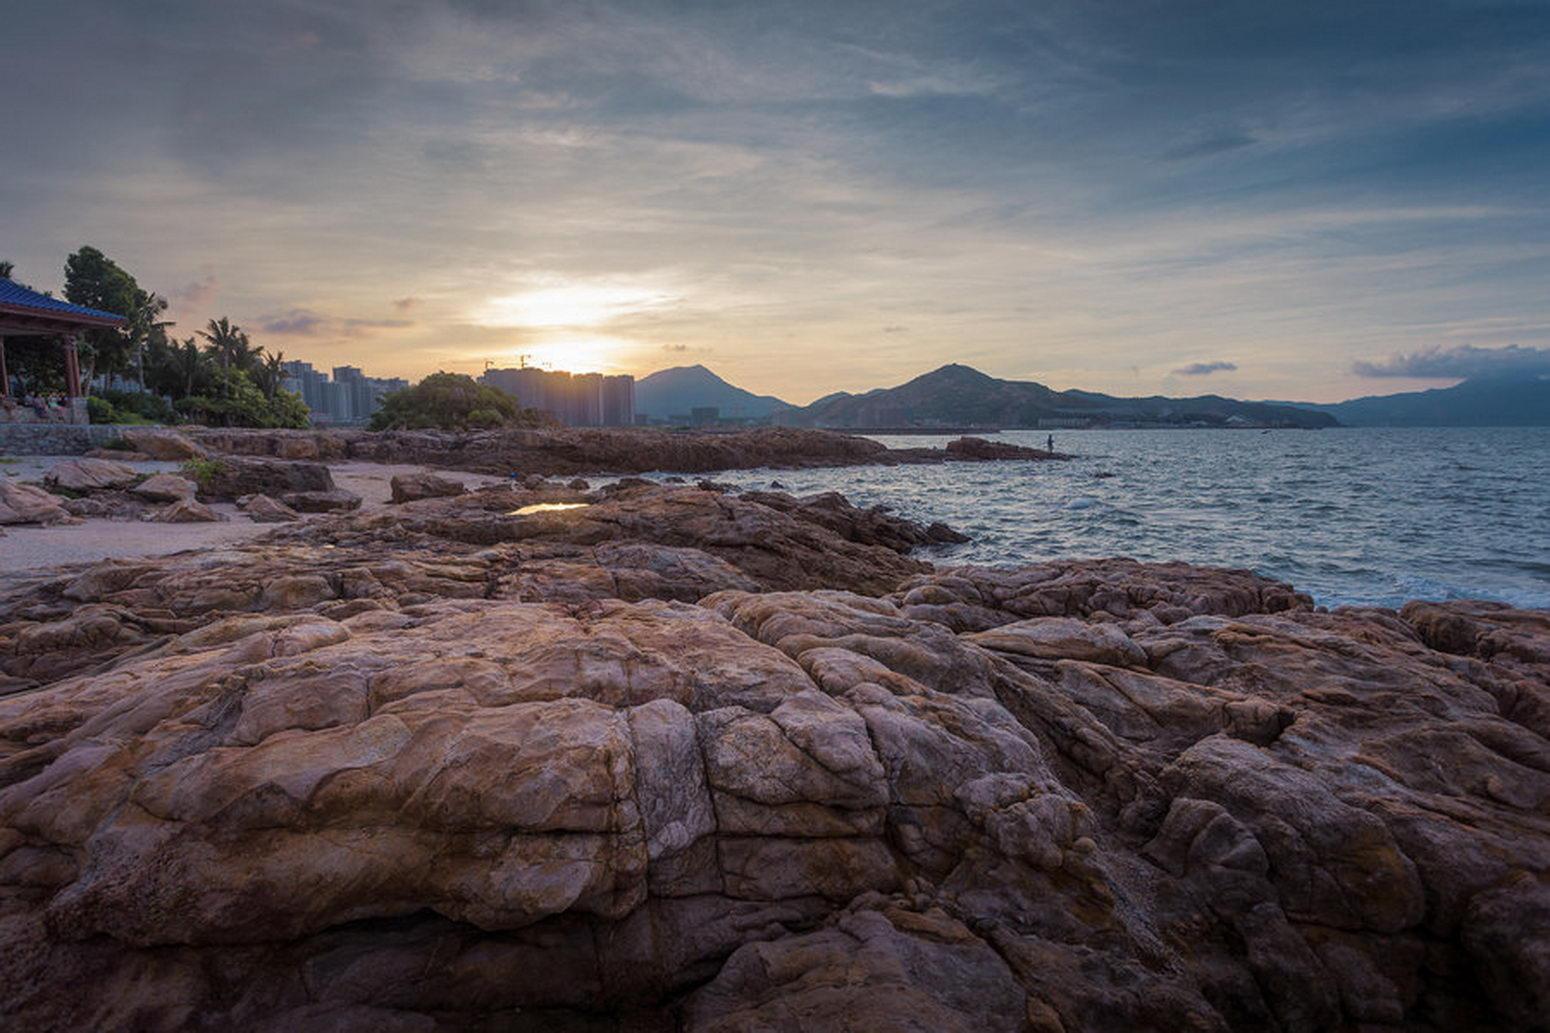 【暑期】广州长隆野生动物园,海陵岛,大角湾,赤坎古镇双飞4晚5日游